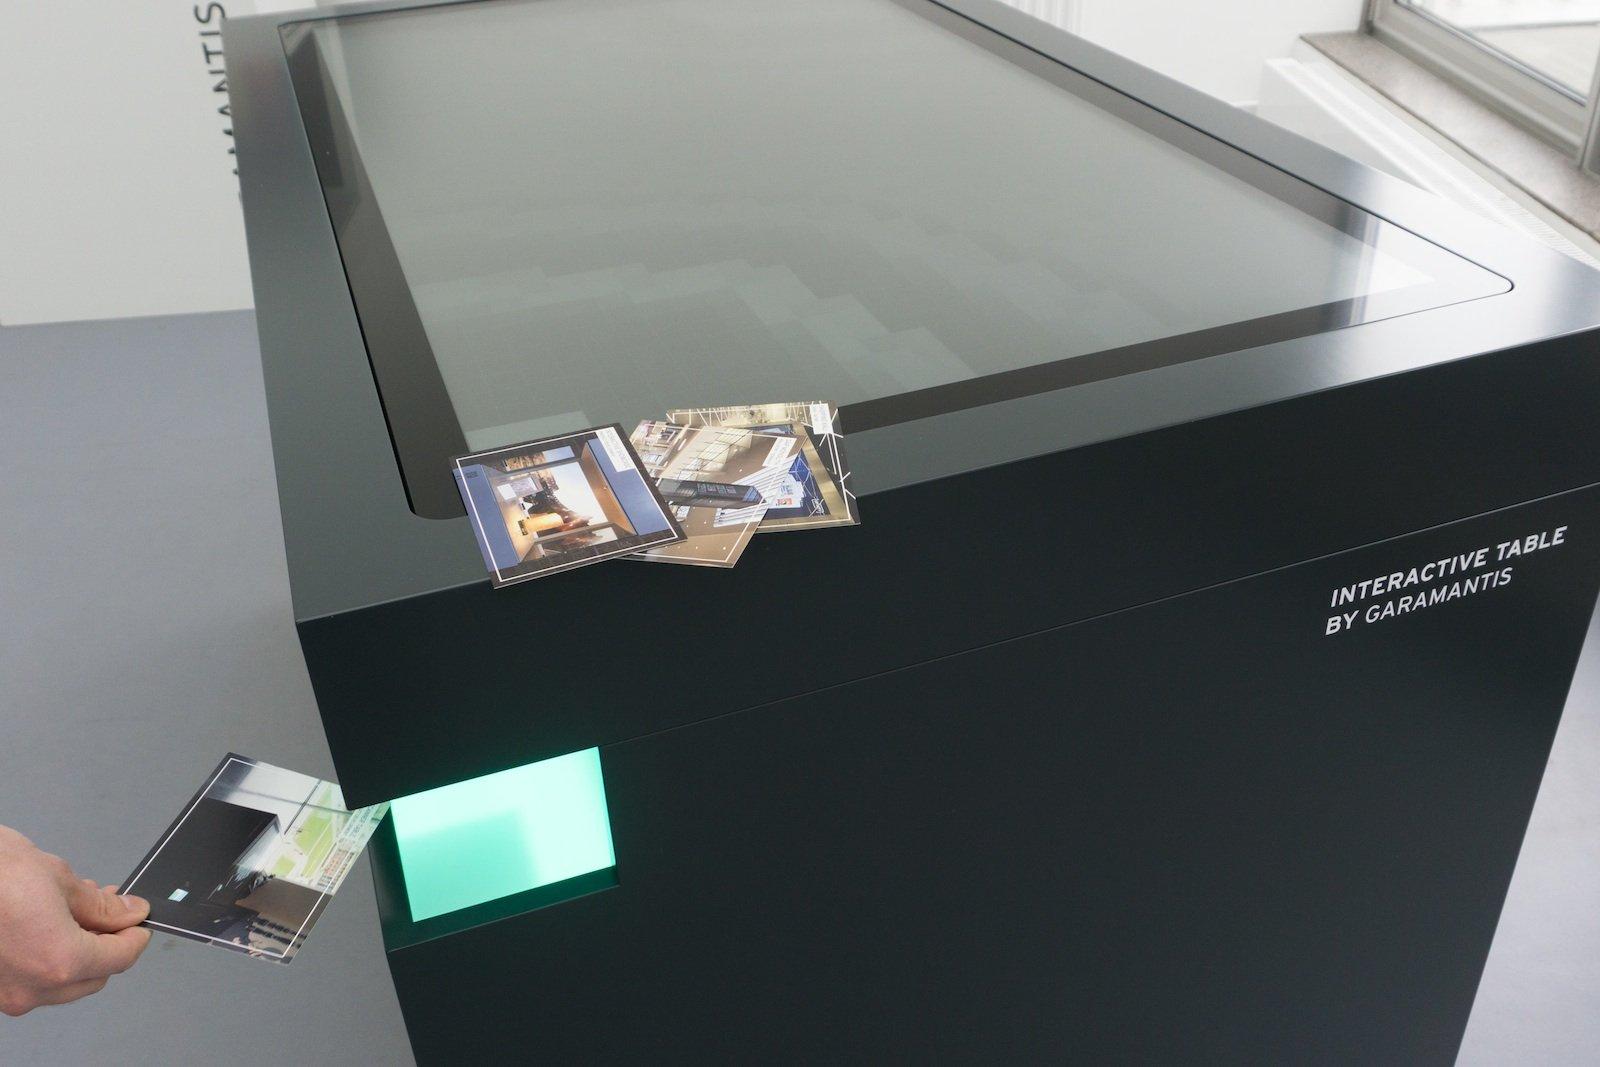 Die LED-beleuchteten Nischen in zwei Ecken sind Scanner-Einheiten.